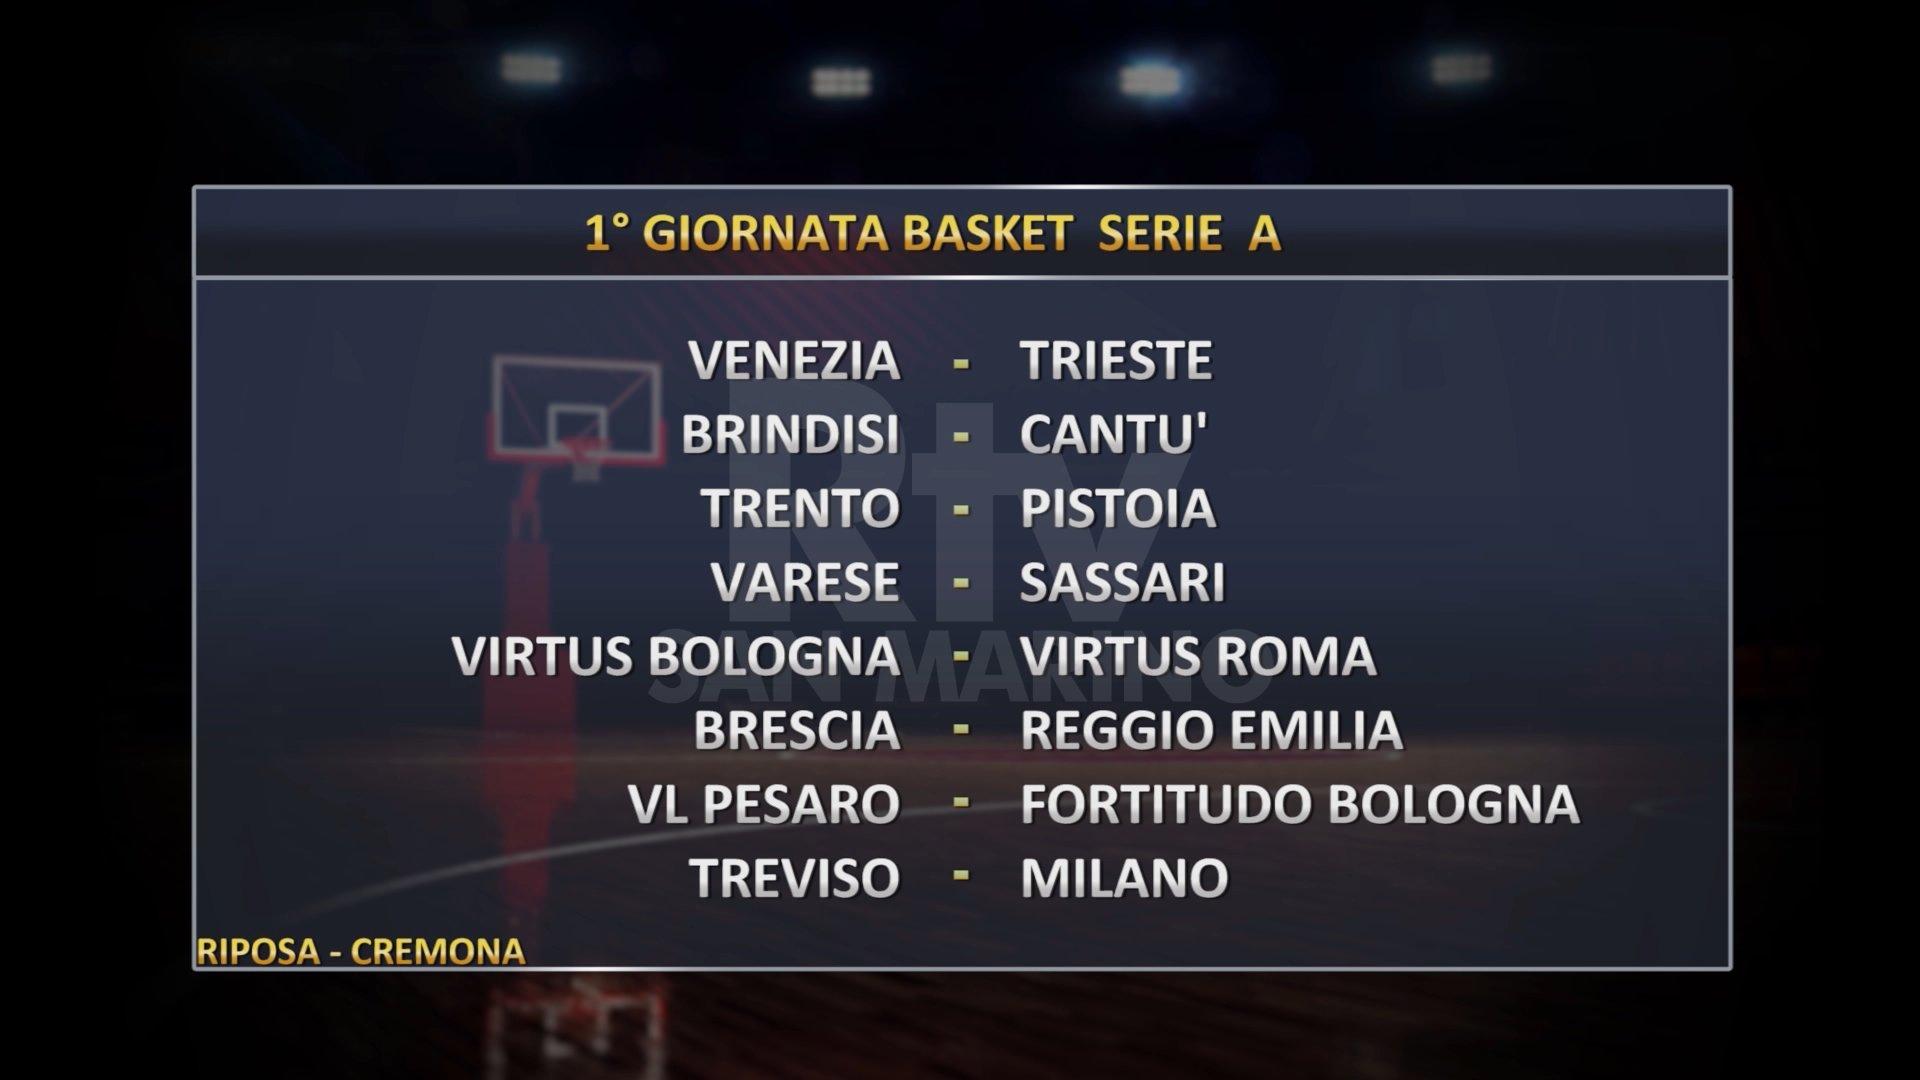 Treviso Basket Calendario.Serie A Basket Ecco I Calendari Apre Vl Pesaro Fortitudo